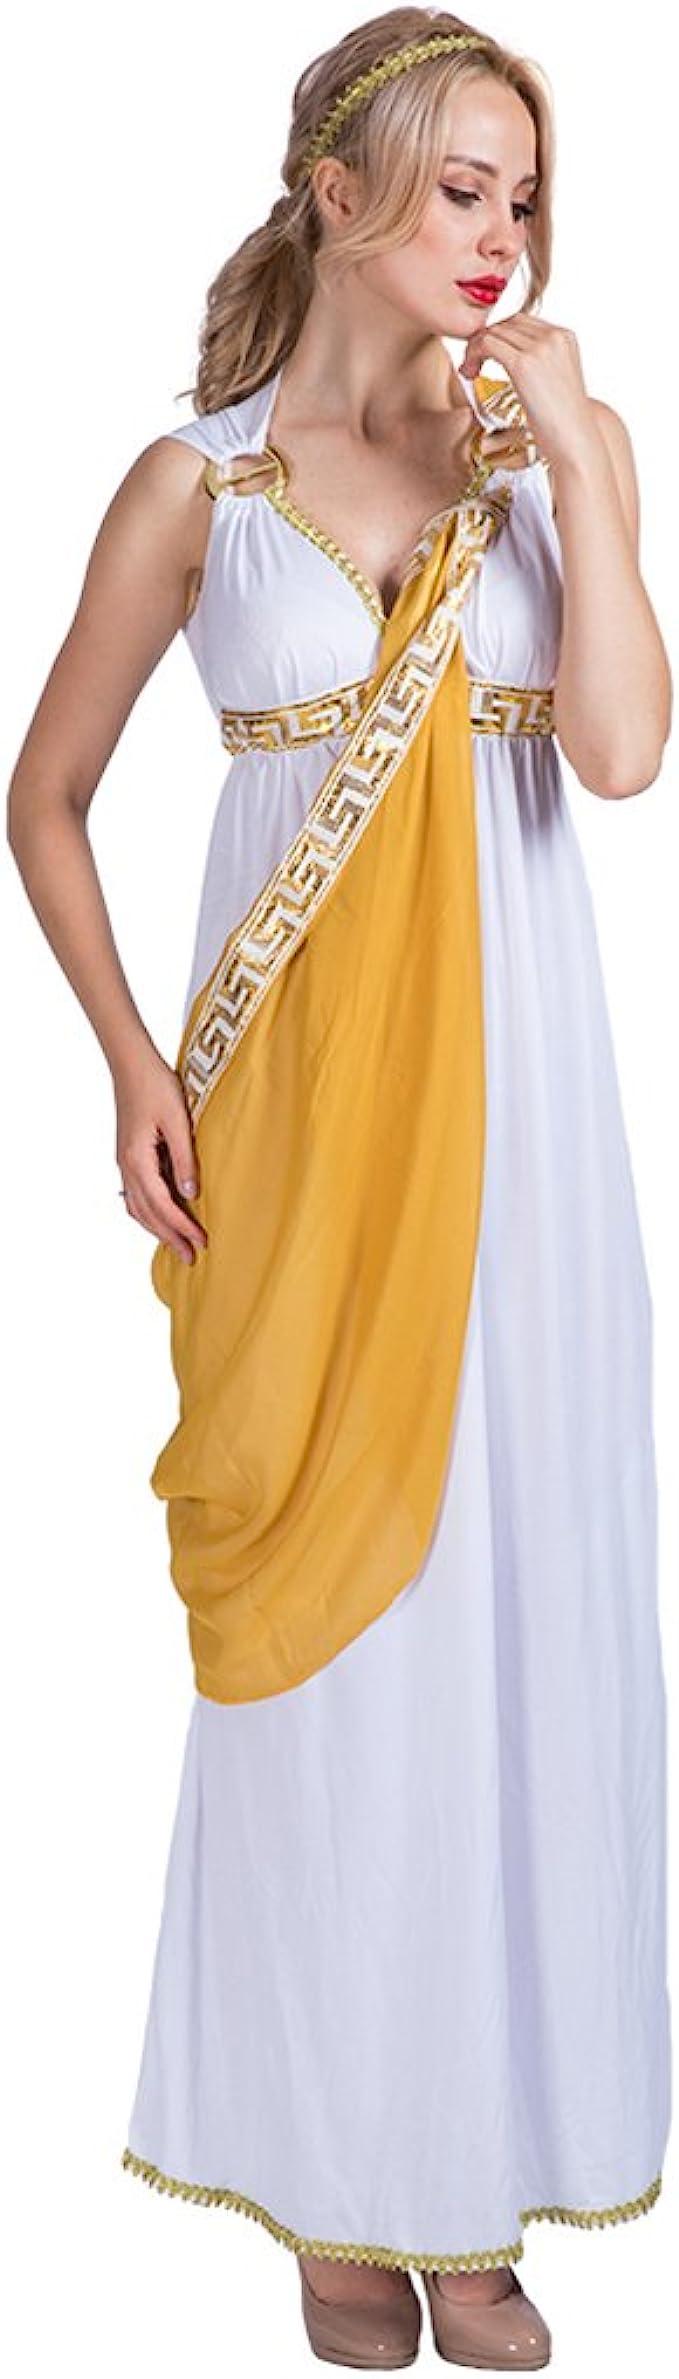 Ladies Gold Laurel Leaf Armband Roman Greek Goddess Fancy Dress Toga Bracelet